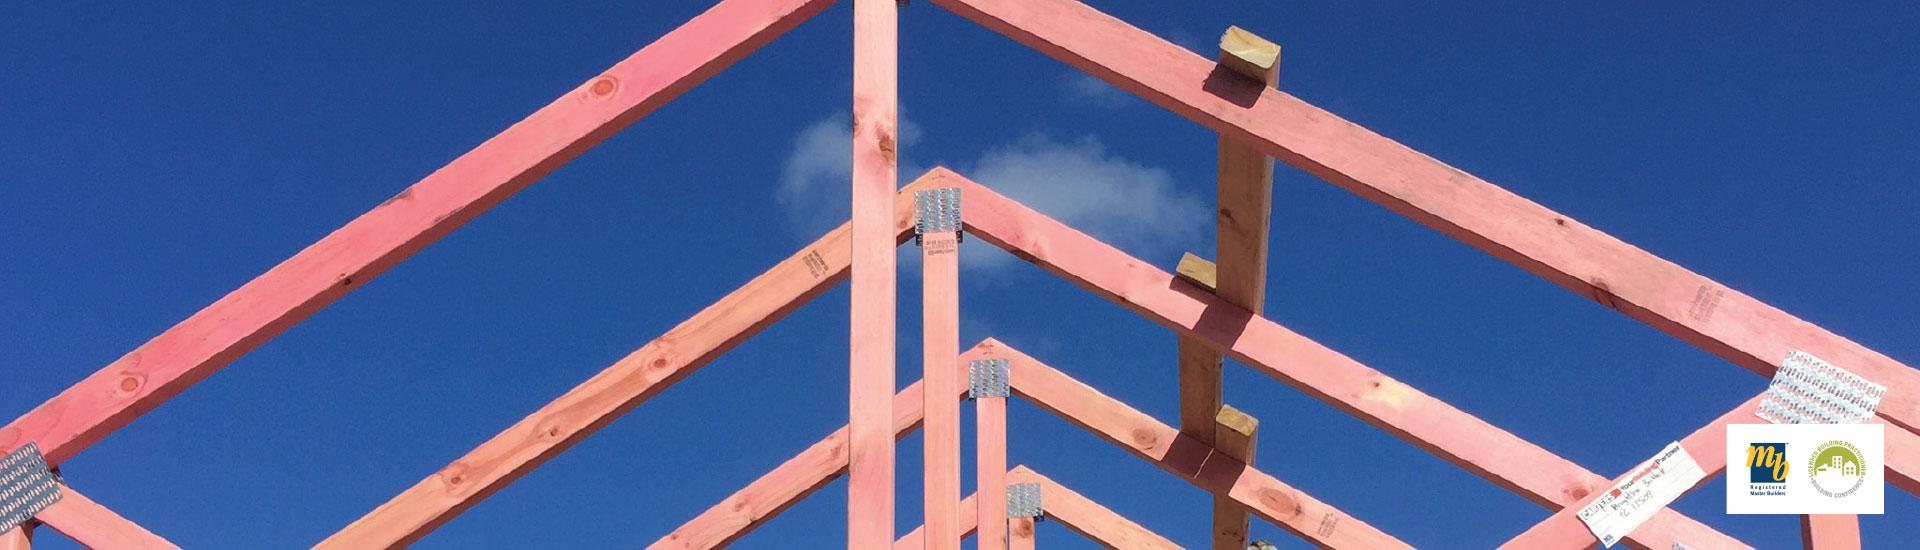 Straightline Builders endorsements